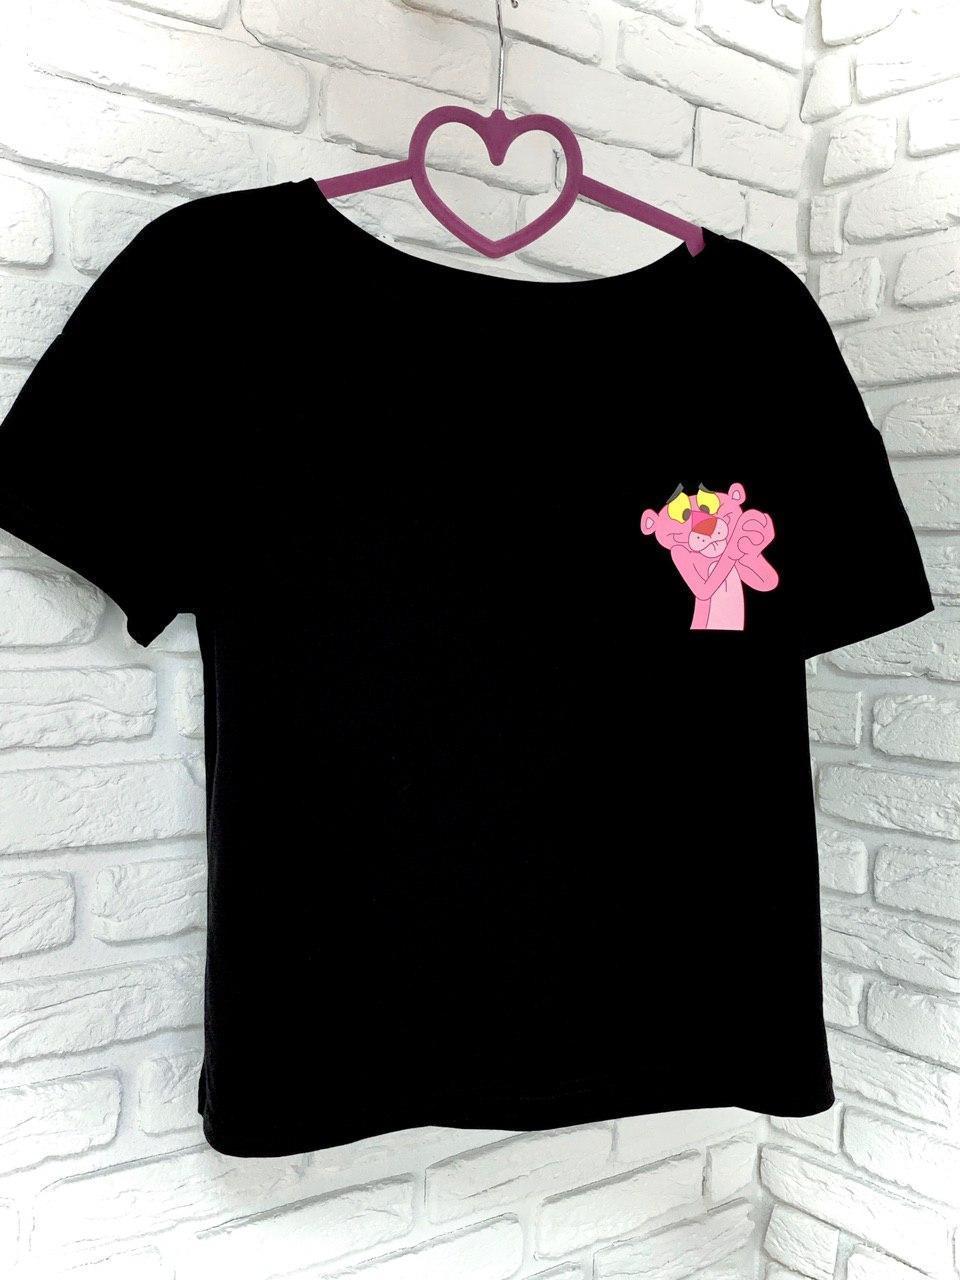 Женская футболка хлопок черная с принтом Pink panther Розовая пантера SKL59-259661